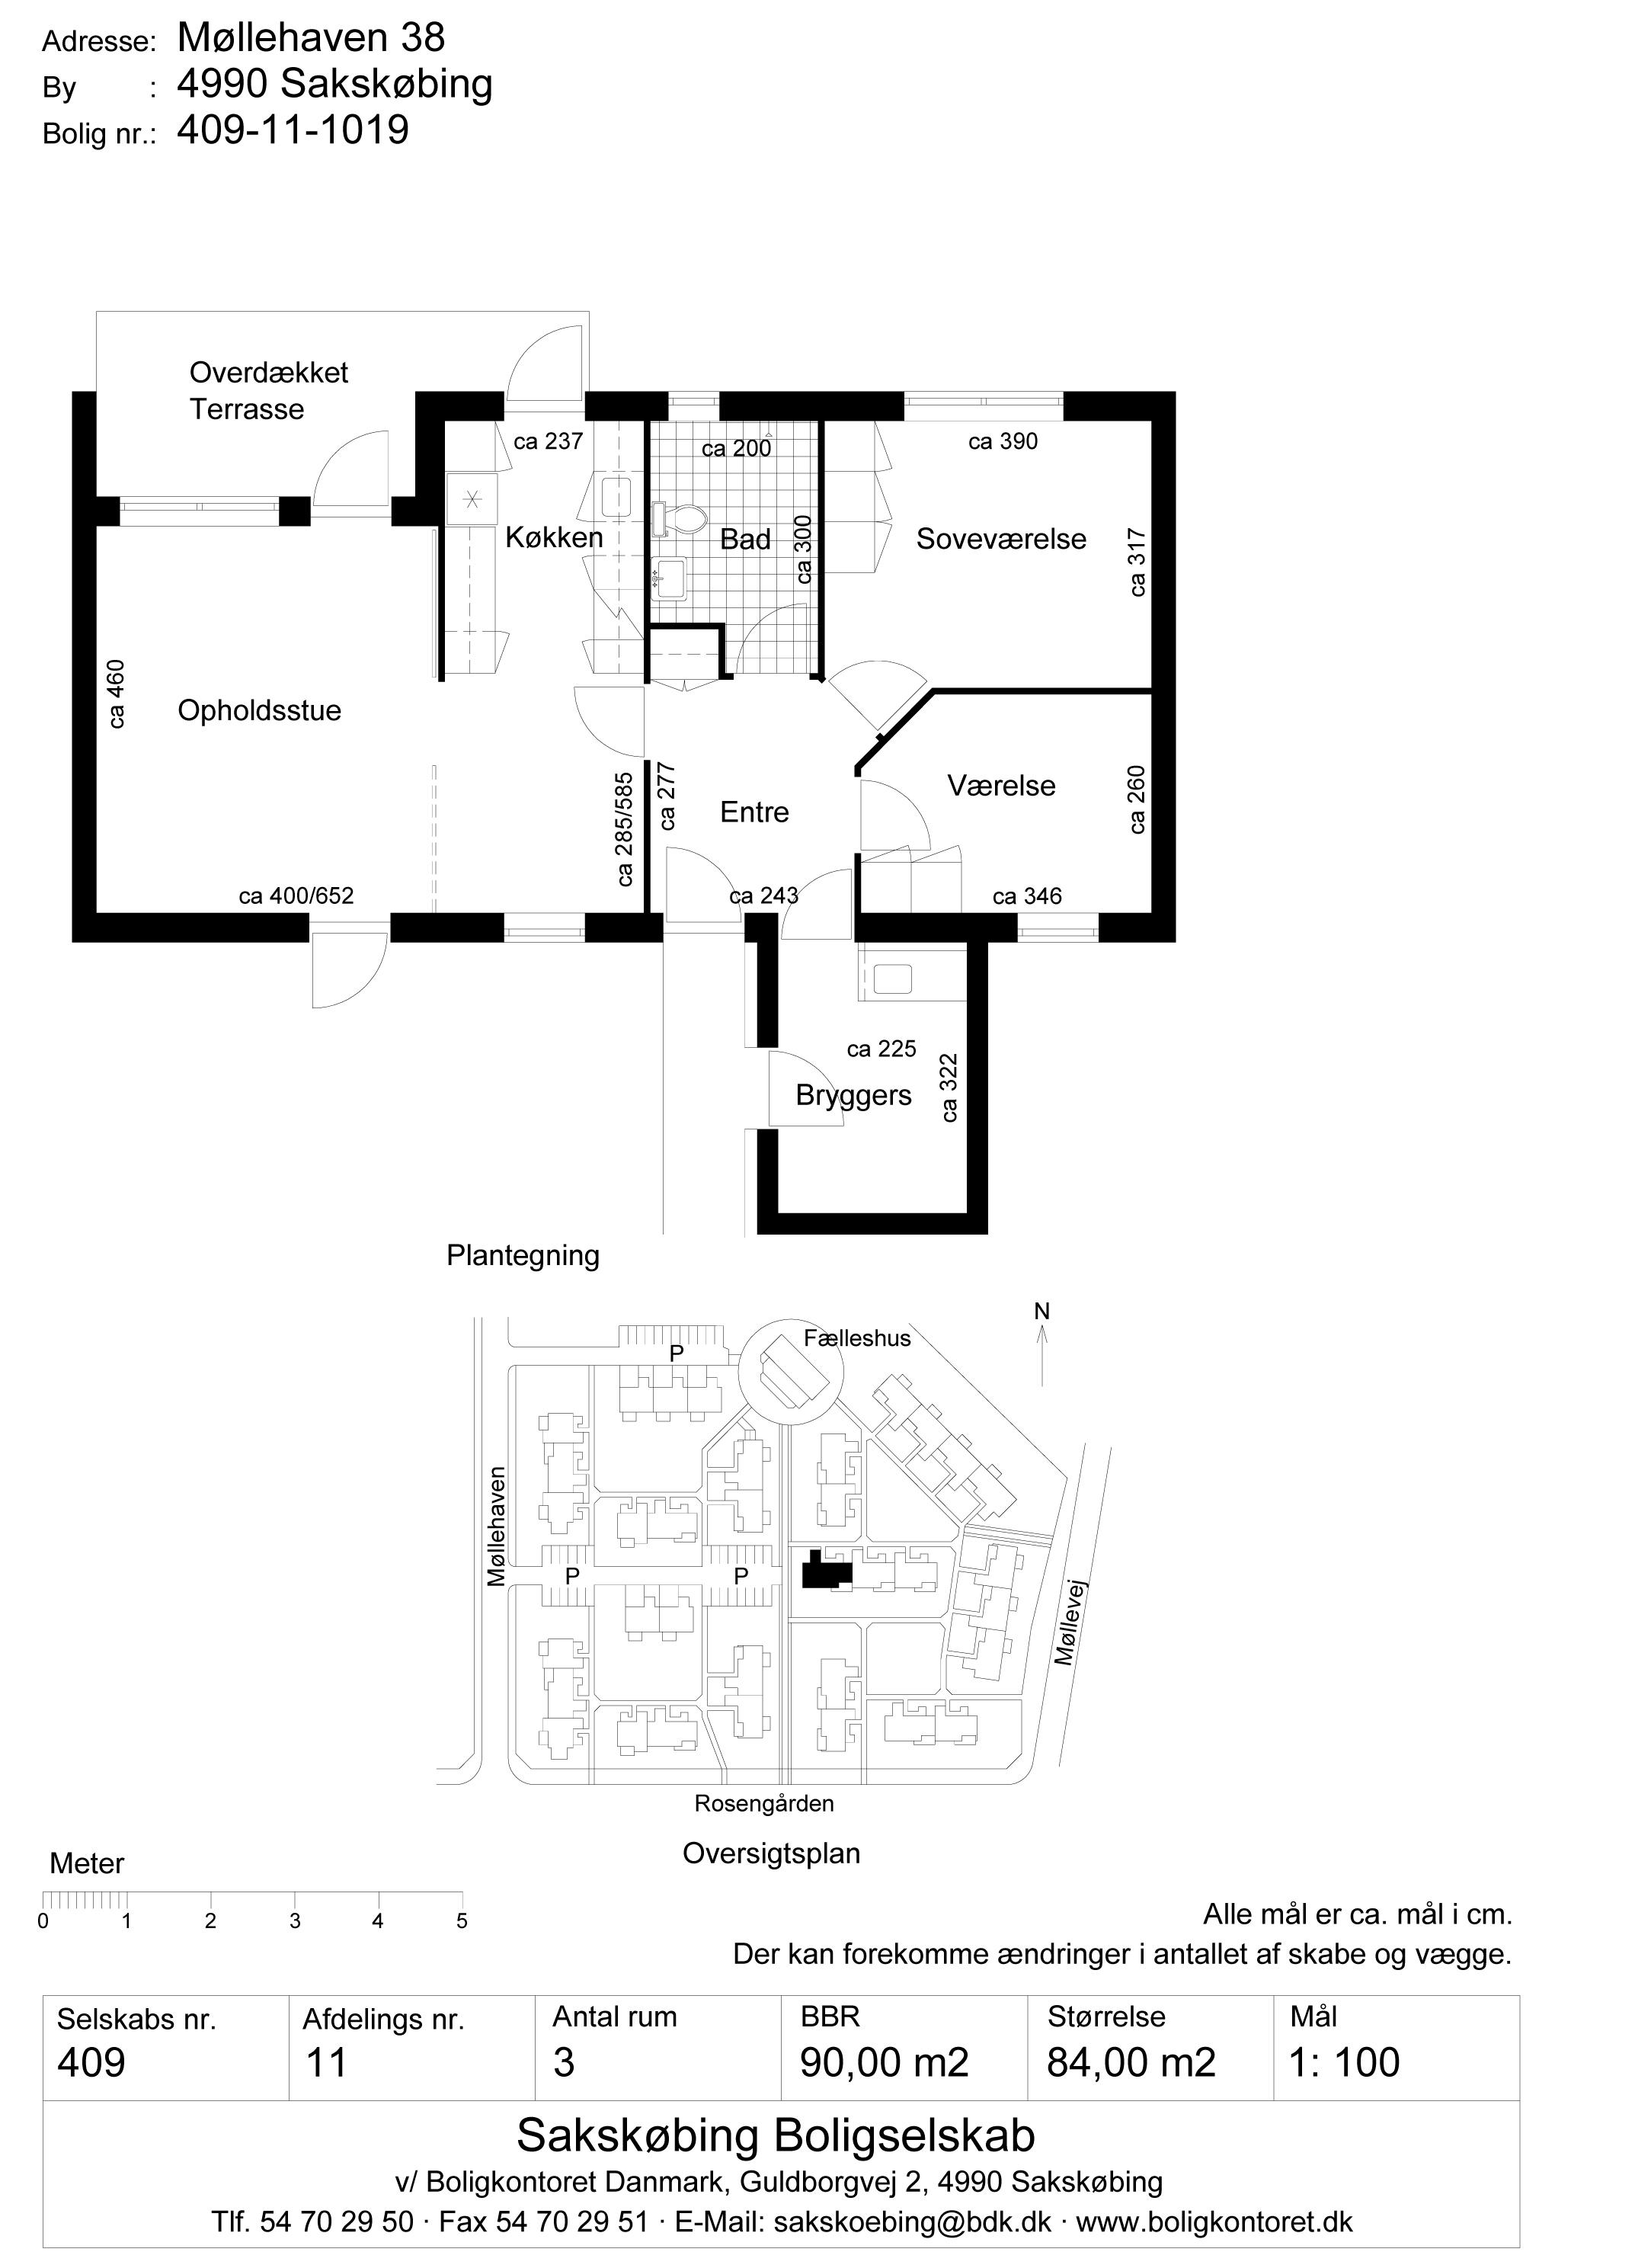 Boligkontoret I Sakskøbing – furthershoot.com